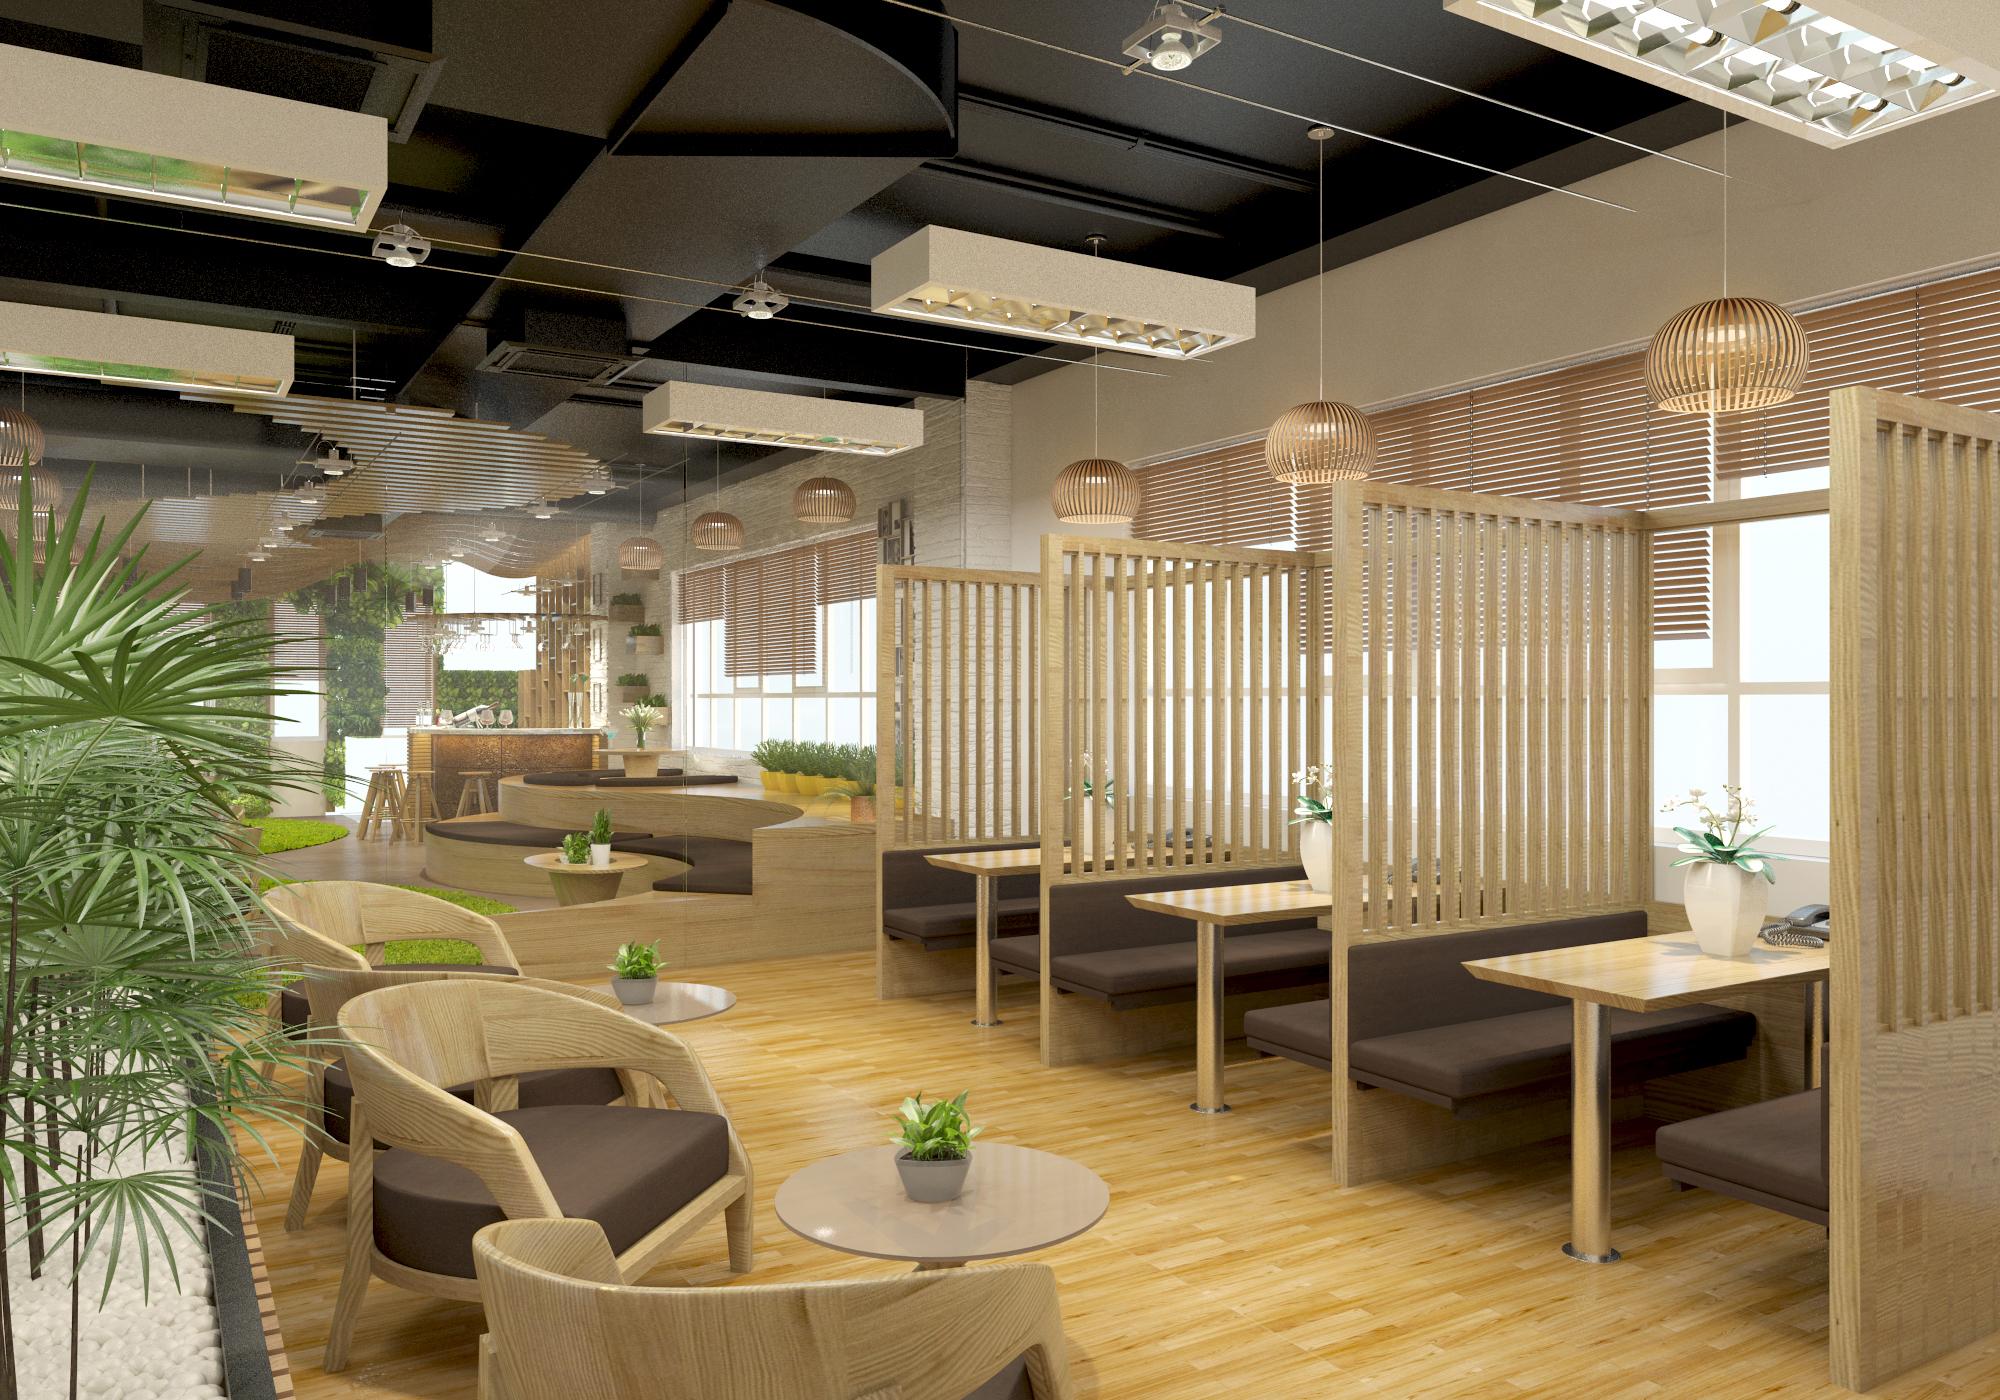 thiết kế nội thất Văn Phòng tại Hà Tĩnh Văn phòng AIA - Hà Tĩnh 5 1568277192